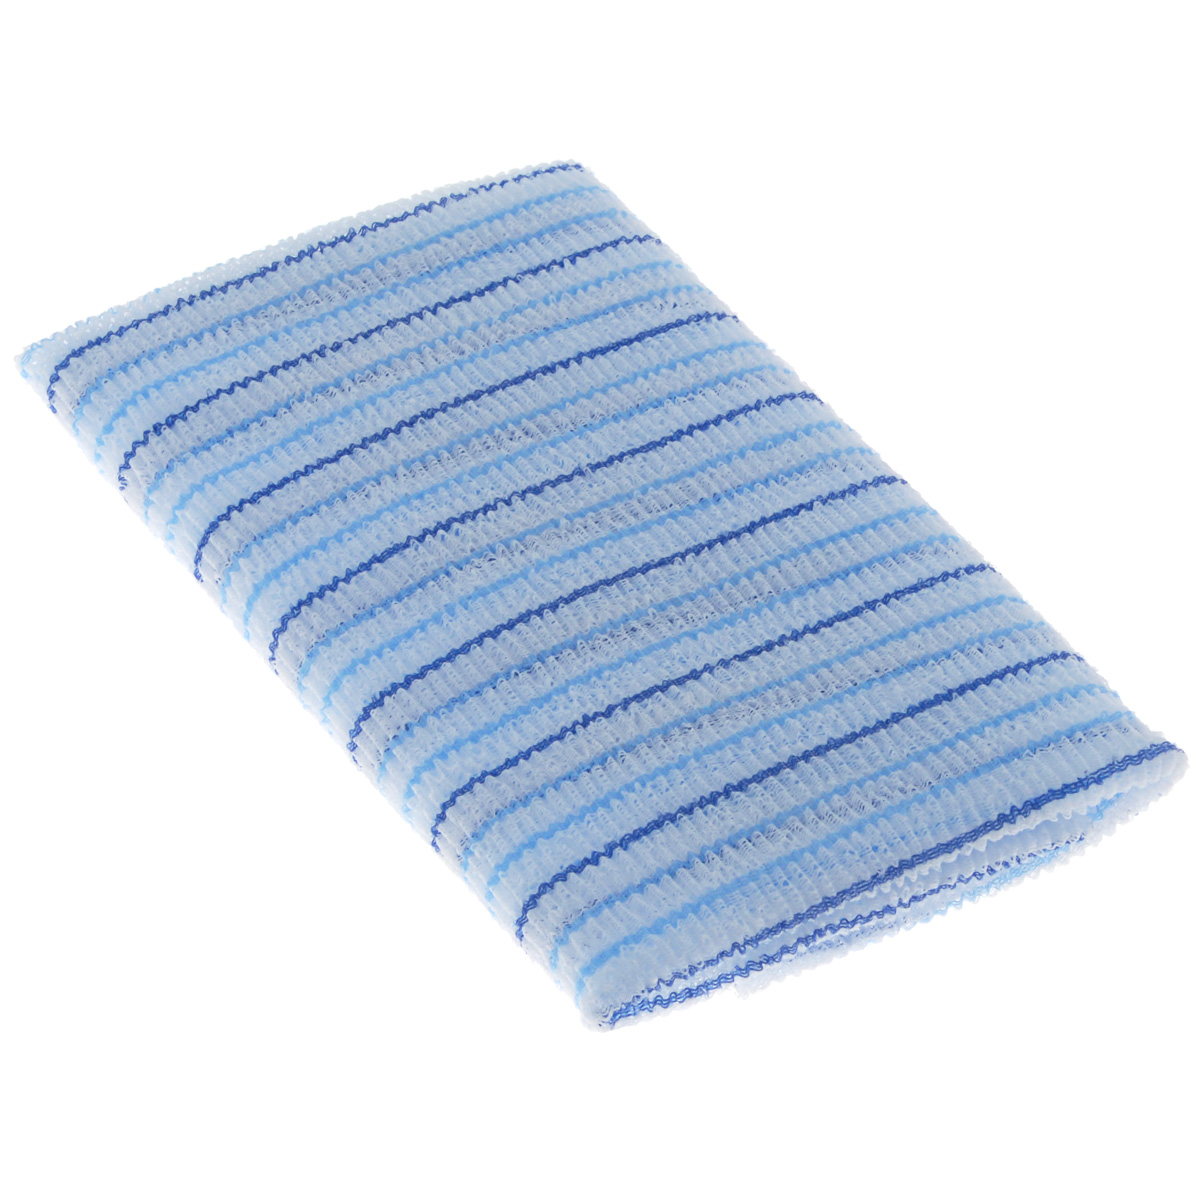 Мочалка для душа SungBo Clean&Beauty Fresh, цвет: голубой, 28 см х 100 смSC-FM20101Мочалка SungBo Clean&Beauty Fresh прекрасно подойдет для ухода за вашей кожей во время принятия ванны и душа. Благодаря оригинальной вязке из гофрированного волокна мочалка создает одновременно как ощущение мягкости, так и ощущение пилинга, нежно отшелушивая огрубевшую кожу. Шероховатая текстура мочалки стимулирует циркуляцию крови по всему телу и помогает сохранить здоровье и упругость кожи. Мочалка позволяет получить обильную пену, используя небольшое количество геля для душа.